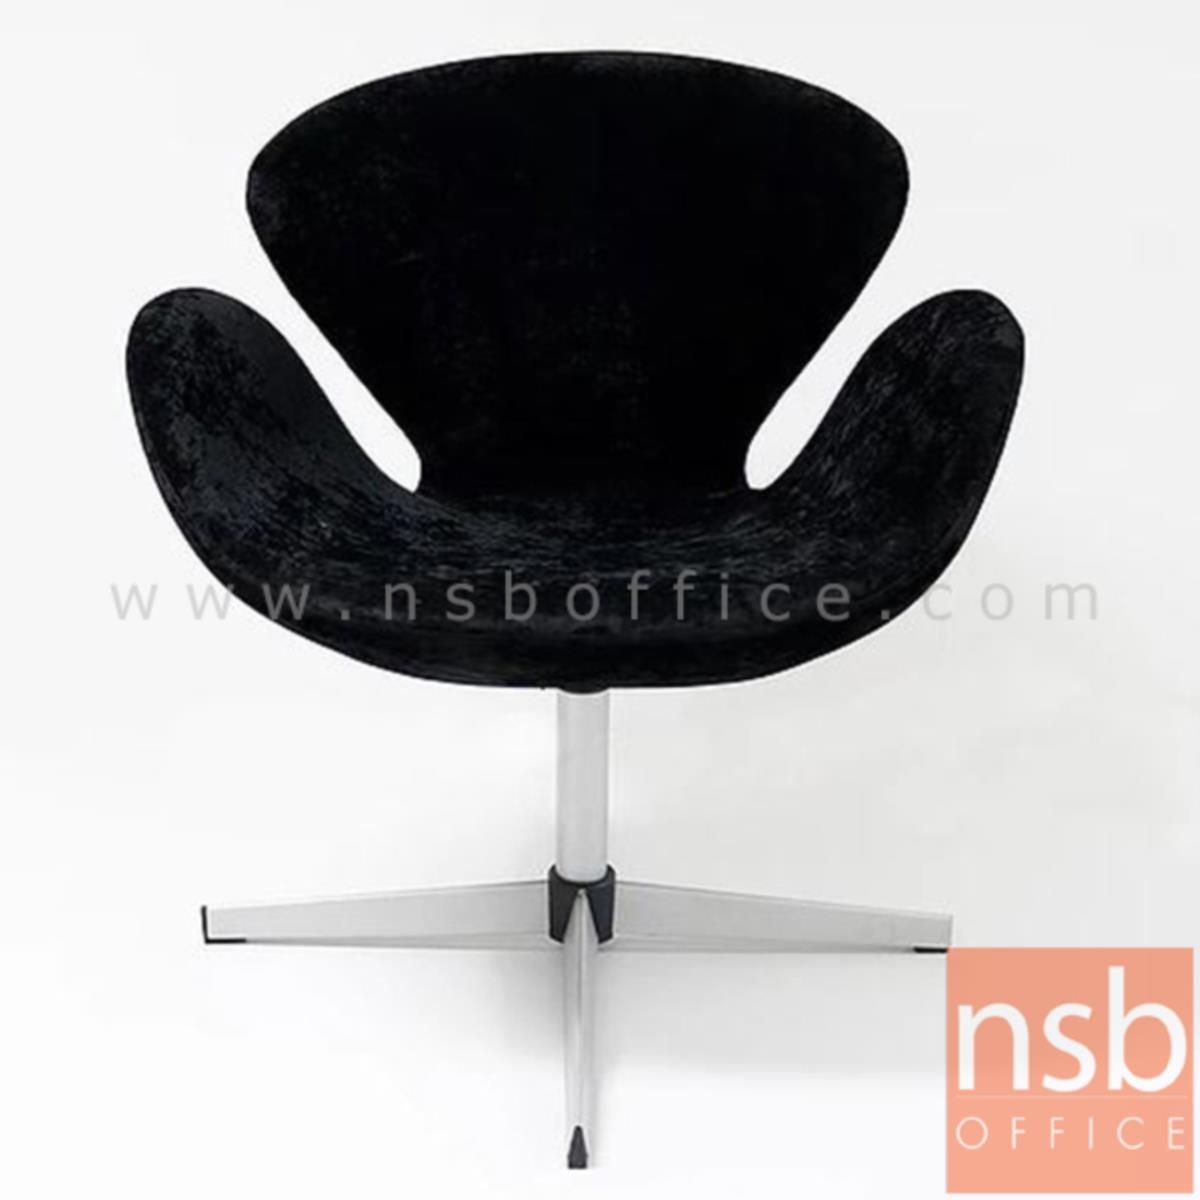 B29A309:เก้าอี้โมเดิร์นผ้ากำมะหยี่  รุ่น Chessington (เชสซิงตัน)  โครงขาเหล็กชุบโครเมี่ยม